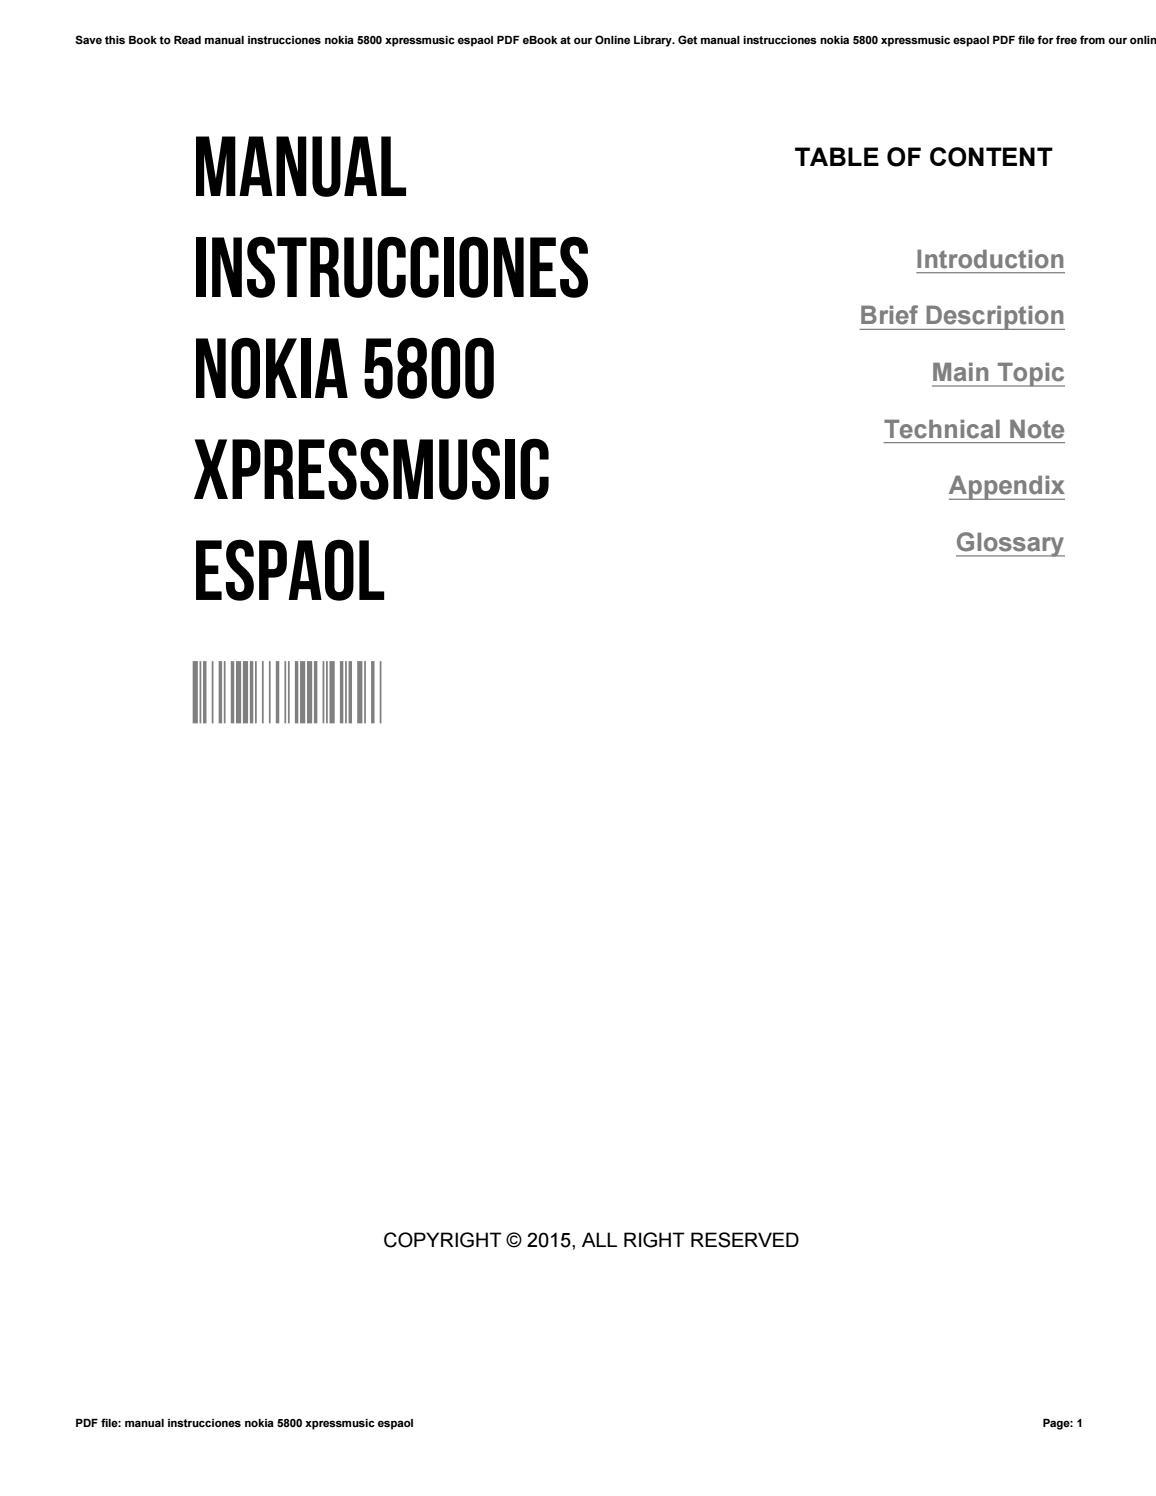 Manual instrucciones nokia 5800 xpressmusic espaol by